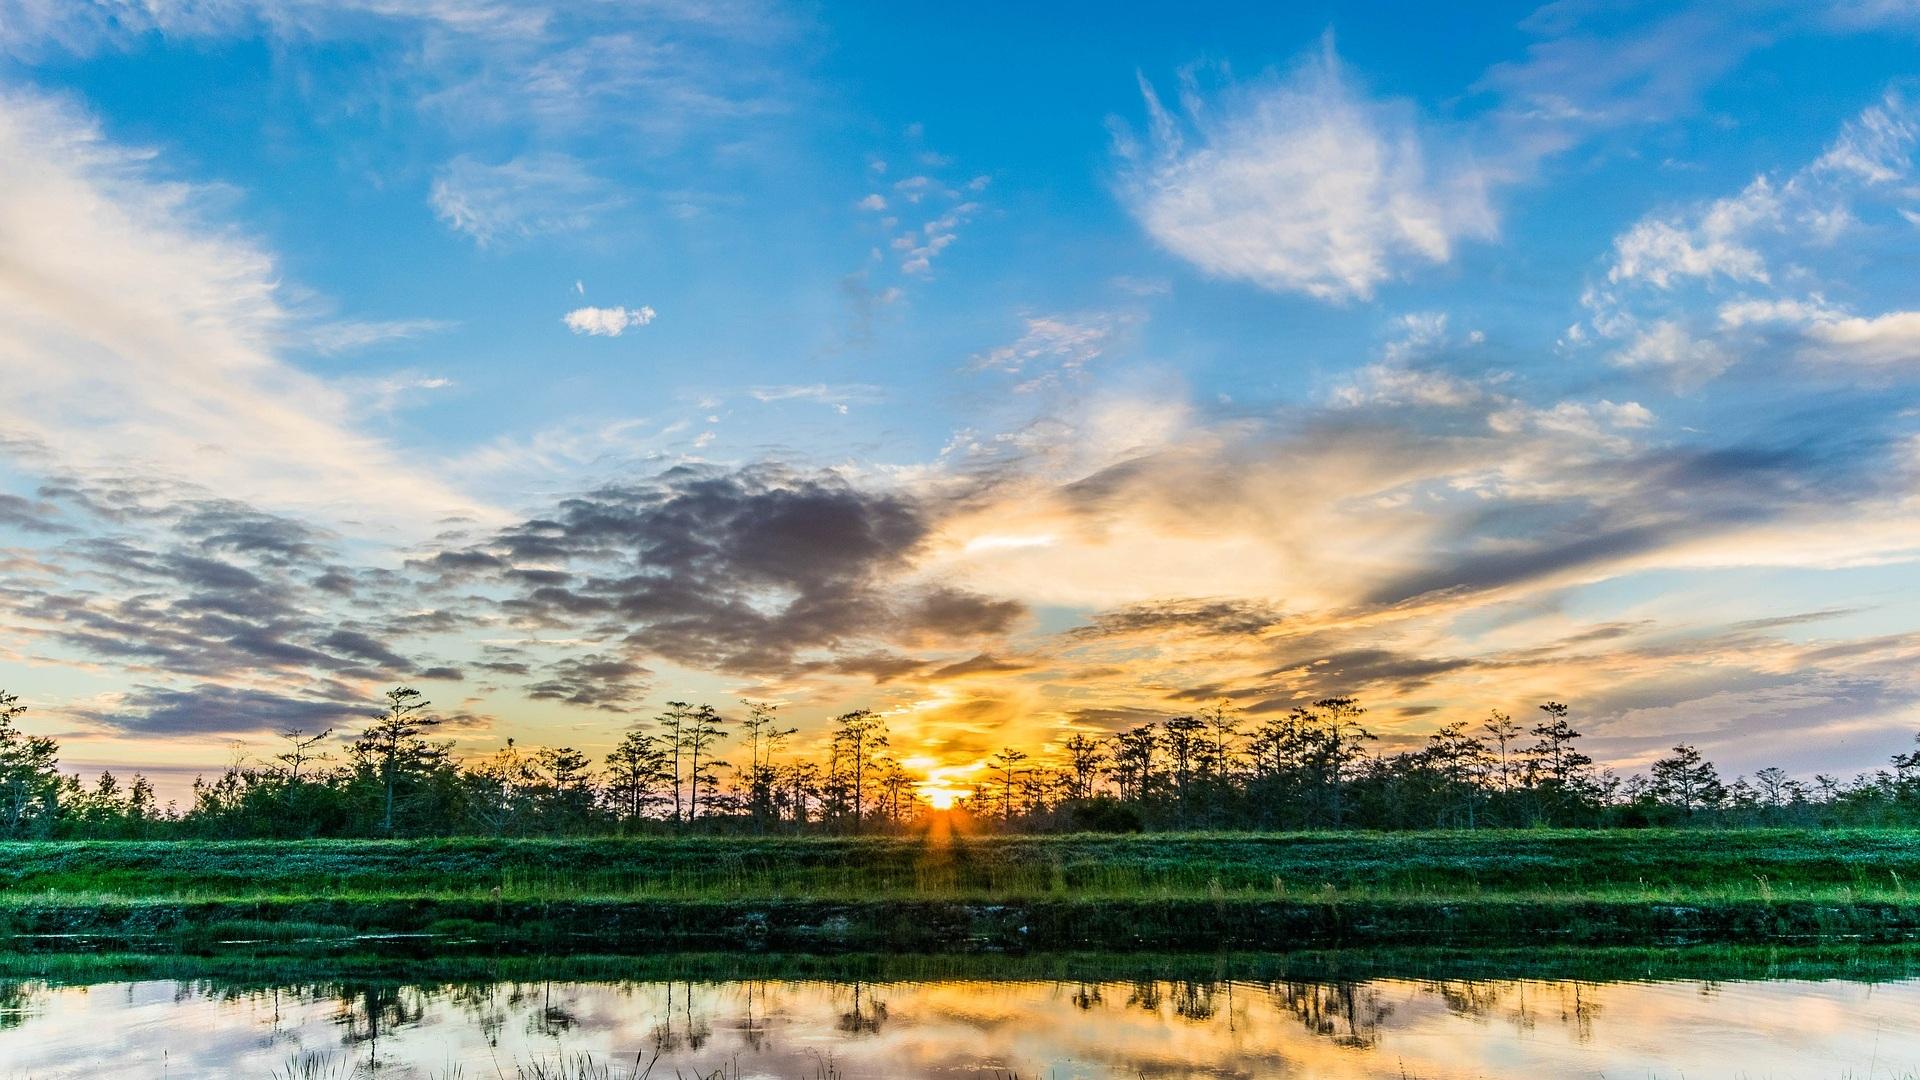 Everglades - Endast 30 minuter från Fort Lauderdale ligger en av USA:s största nationalparker - Everglades. Här kan du bland annat åka träskbåt, uppleva reptiler i sin hemmiljö och beskåda en hel del alligatorer. En passande dagsutflykt efter några lata dagar på stranden.